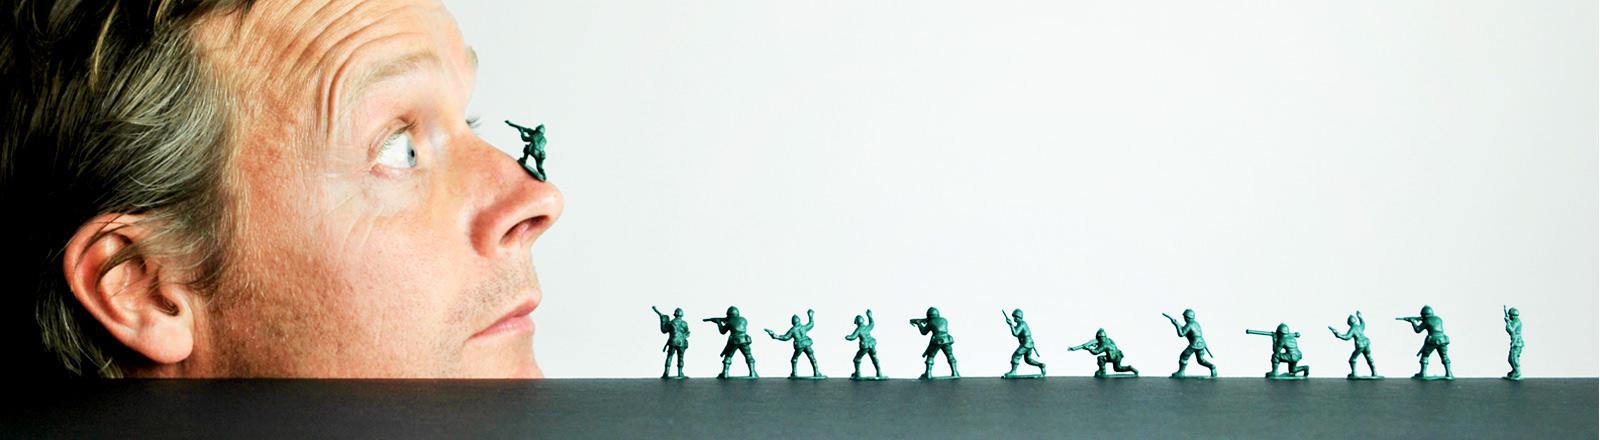 Ein Männerkopf neben Zinnsoldaten, die scheinbar auf ihn zugehen.